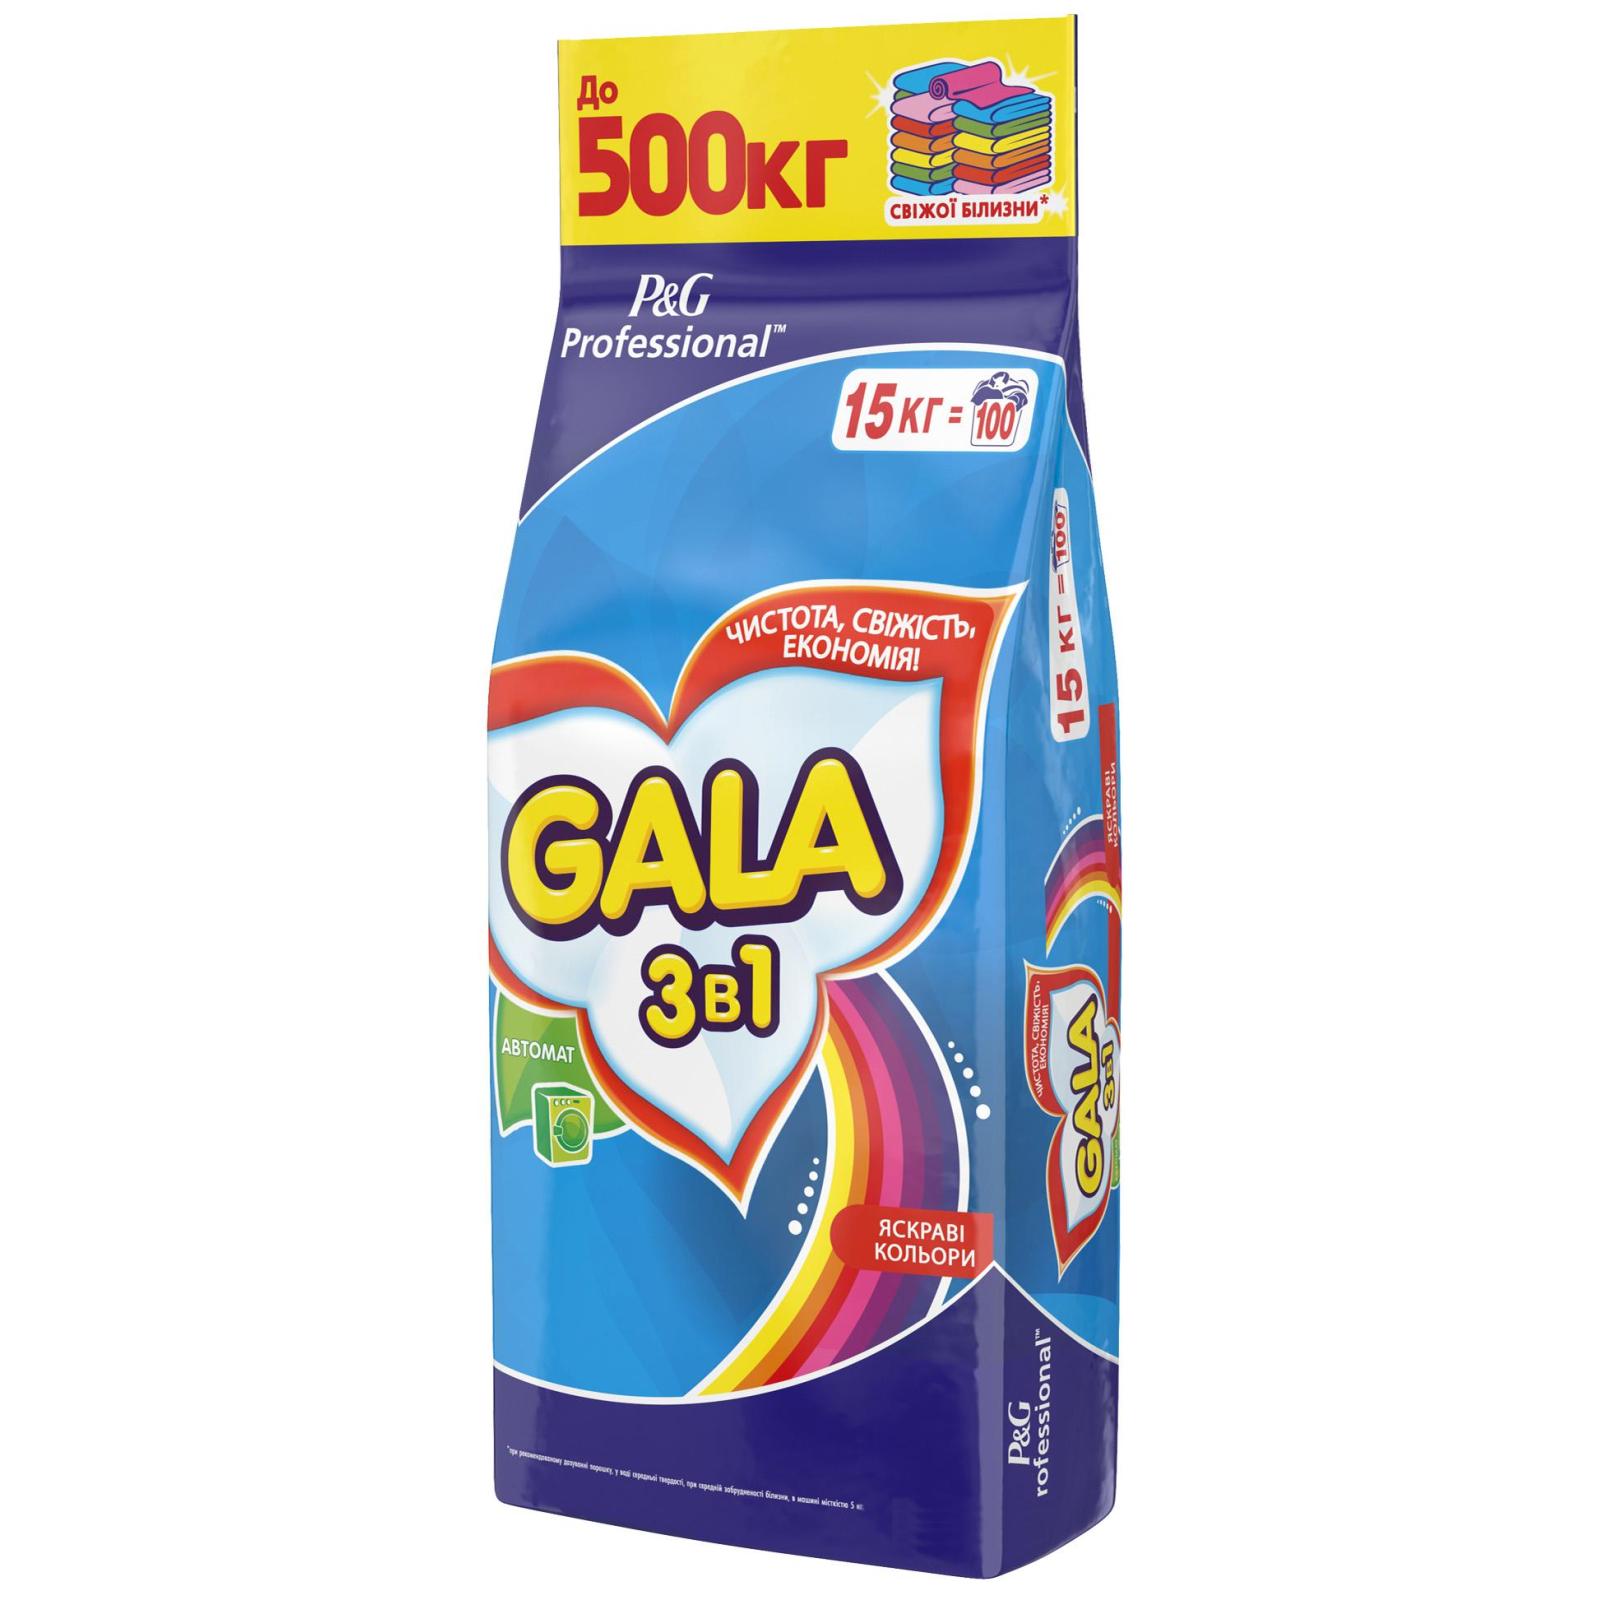 Стиральный порошок Gala 3в1 Яркие цвета (4015400850359) изображение 2